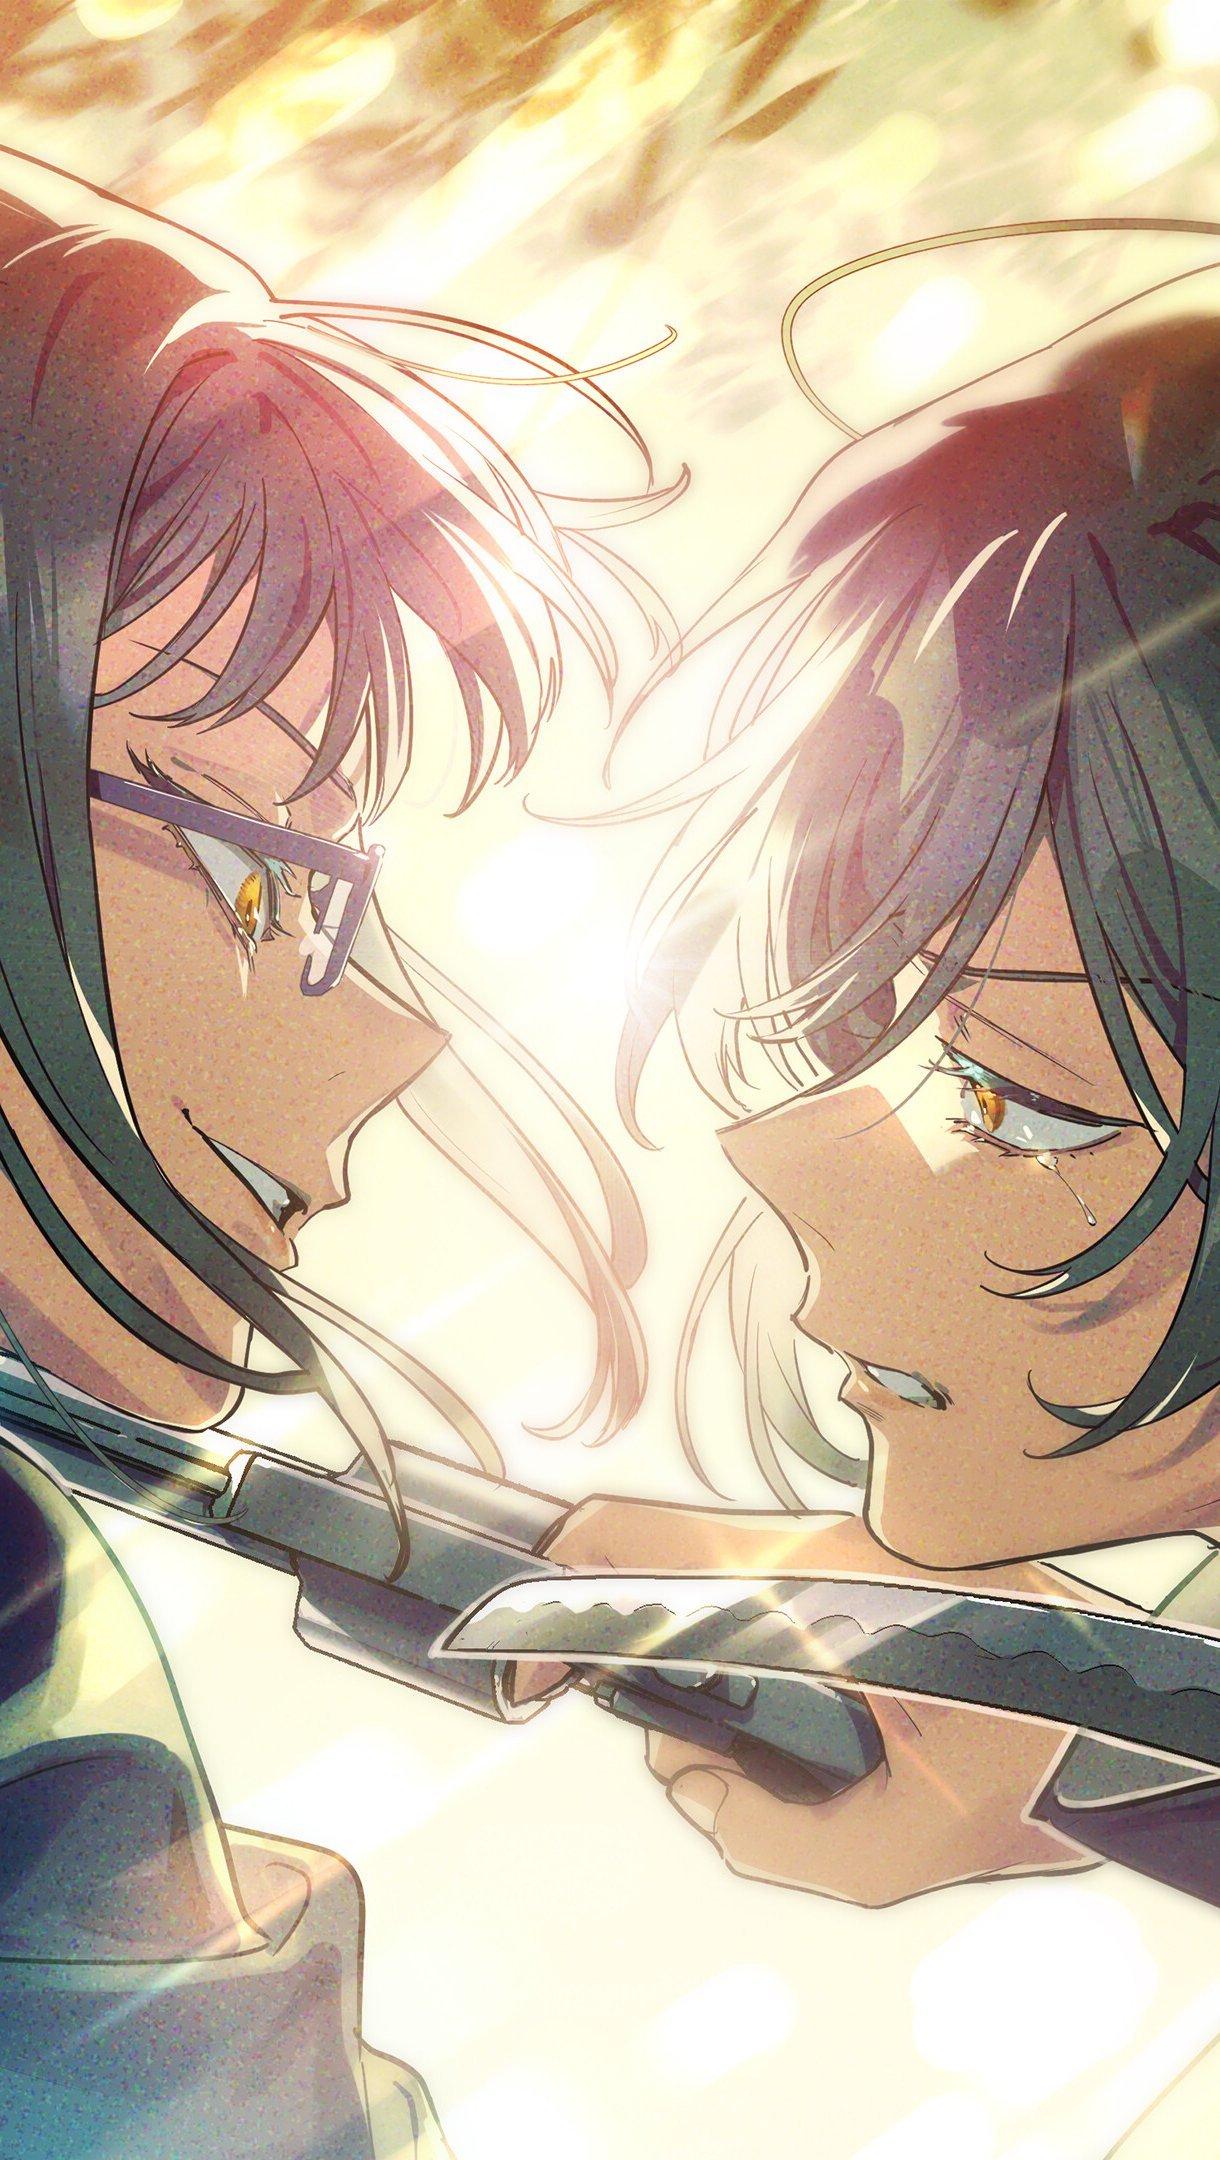 Fondos de pantalla Anime Maki Zenin vs Mai Zenin de Jujutsu Kaisen Vertical